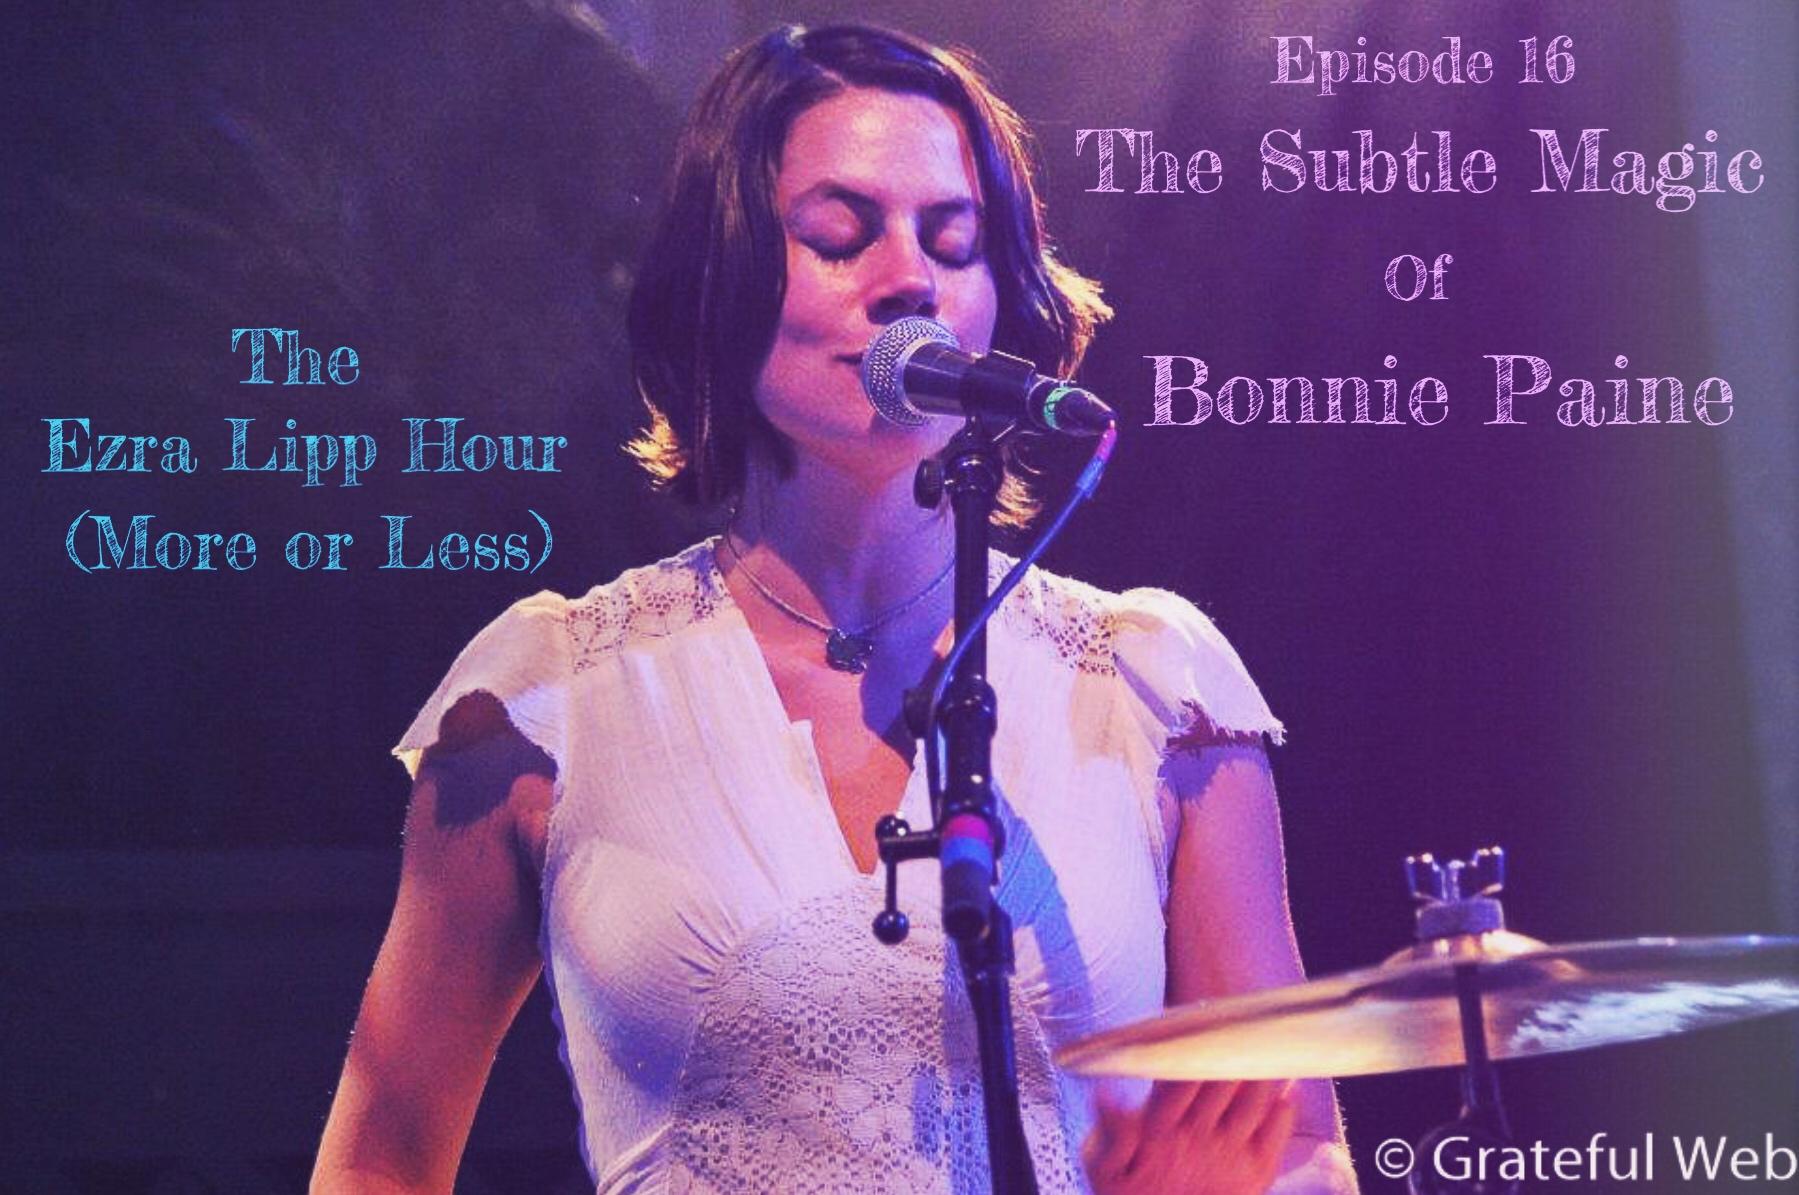 Bonnie Paine Ezra Lipp Hour (More or Less) Podcast Interview Conversation Elephant Revival.JPG